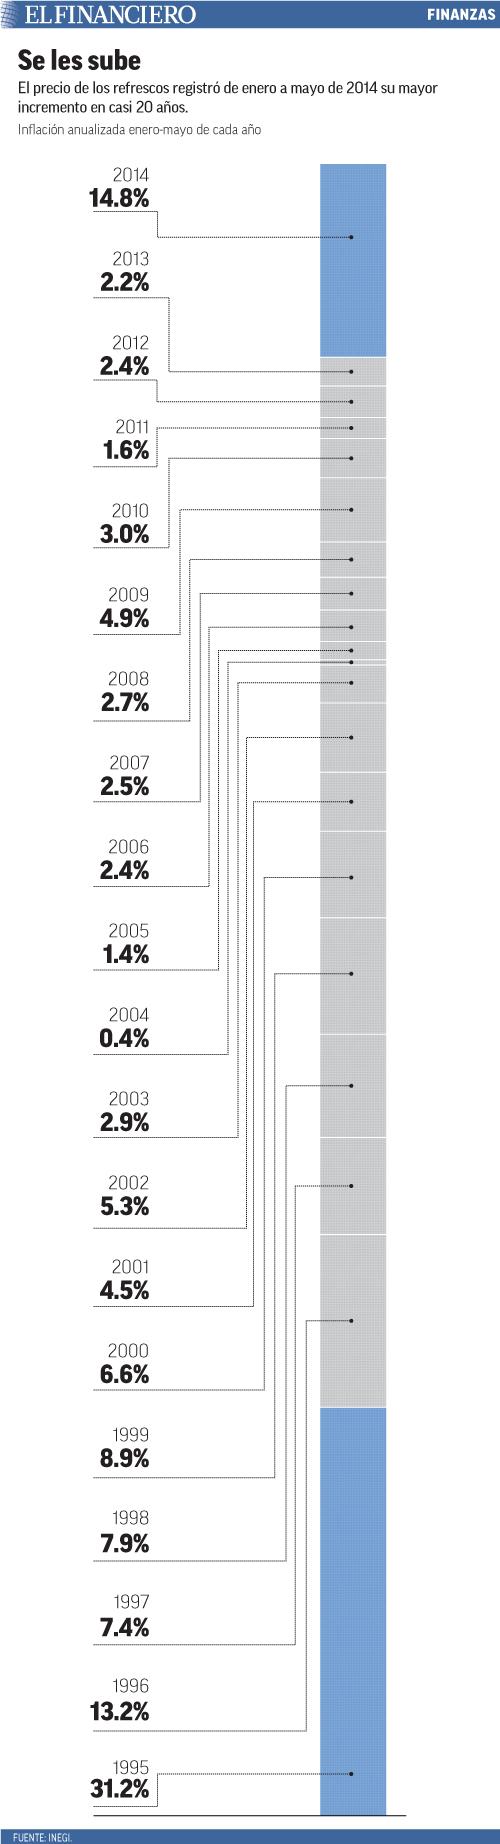 El precio de los refrescos registró de enero a mayo de 2014 su mayor incremento en casi 20 años